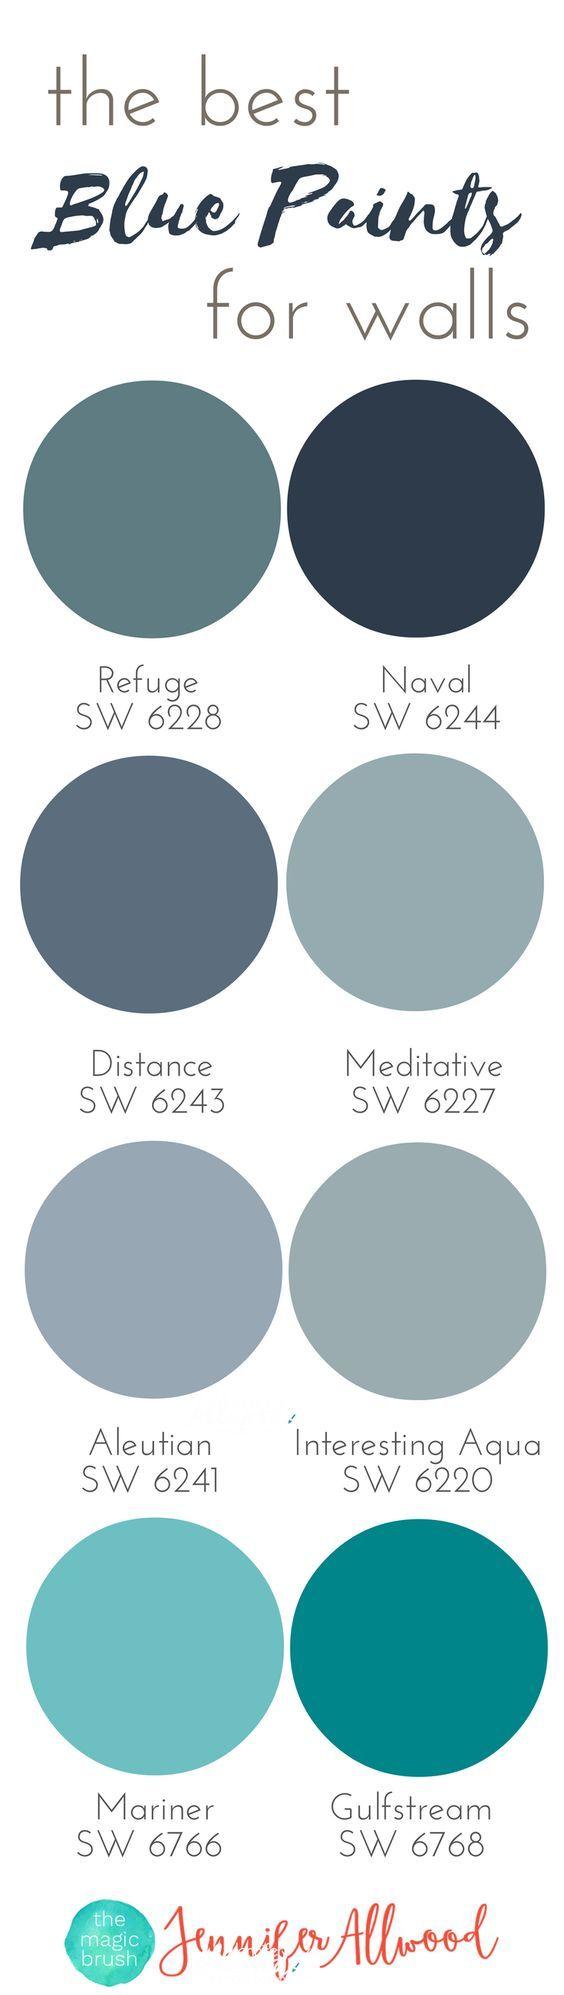 the best Blue Paints for walls | Magic Brush | Jennifer Allwood's Top 50 Wall Paint Colors | Paint Color Ideas | Best Blue Hues | Interior Paint Colors | Paint Colors for Living Rooms | Paint Colors for Boys Rooms